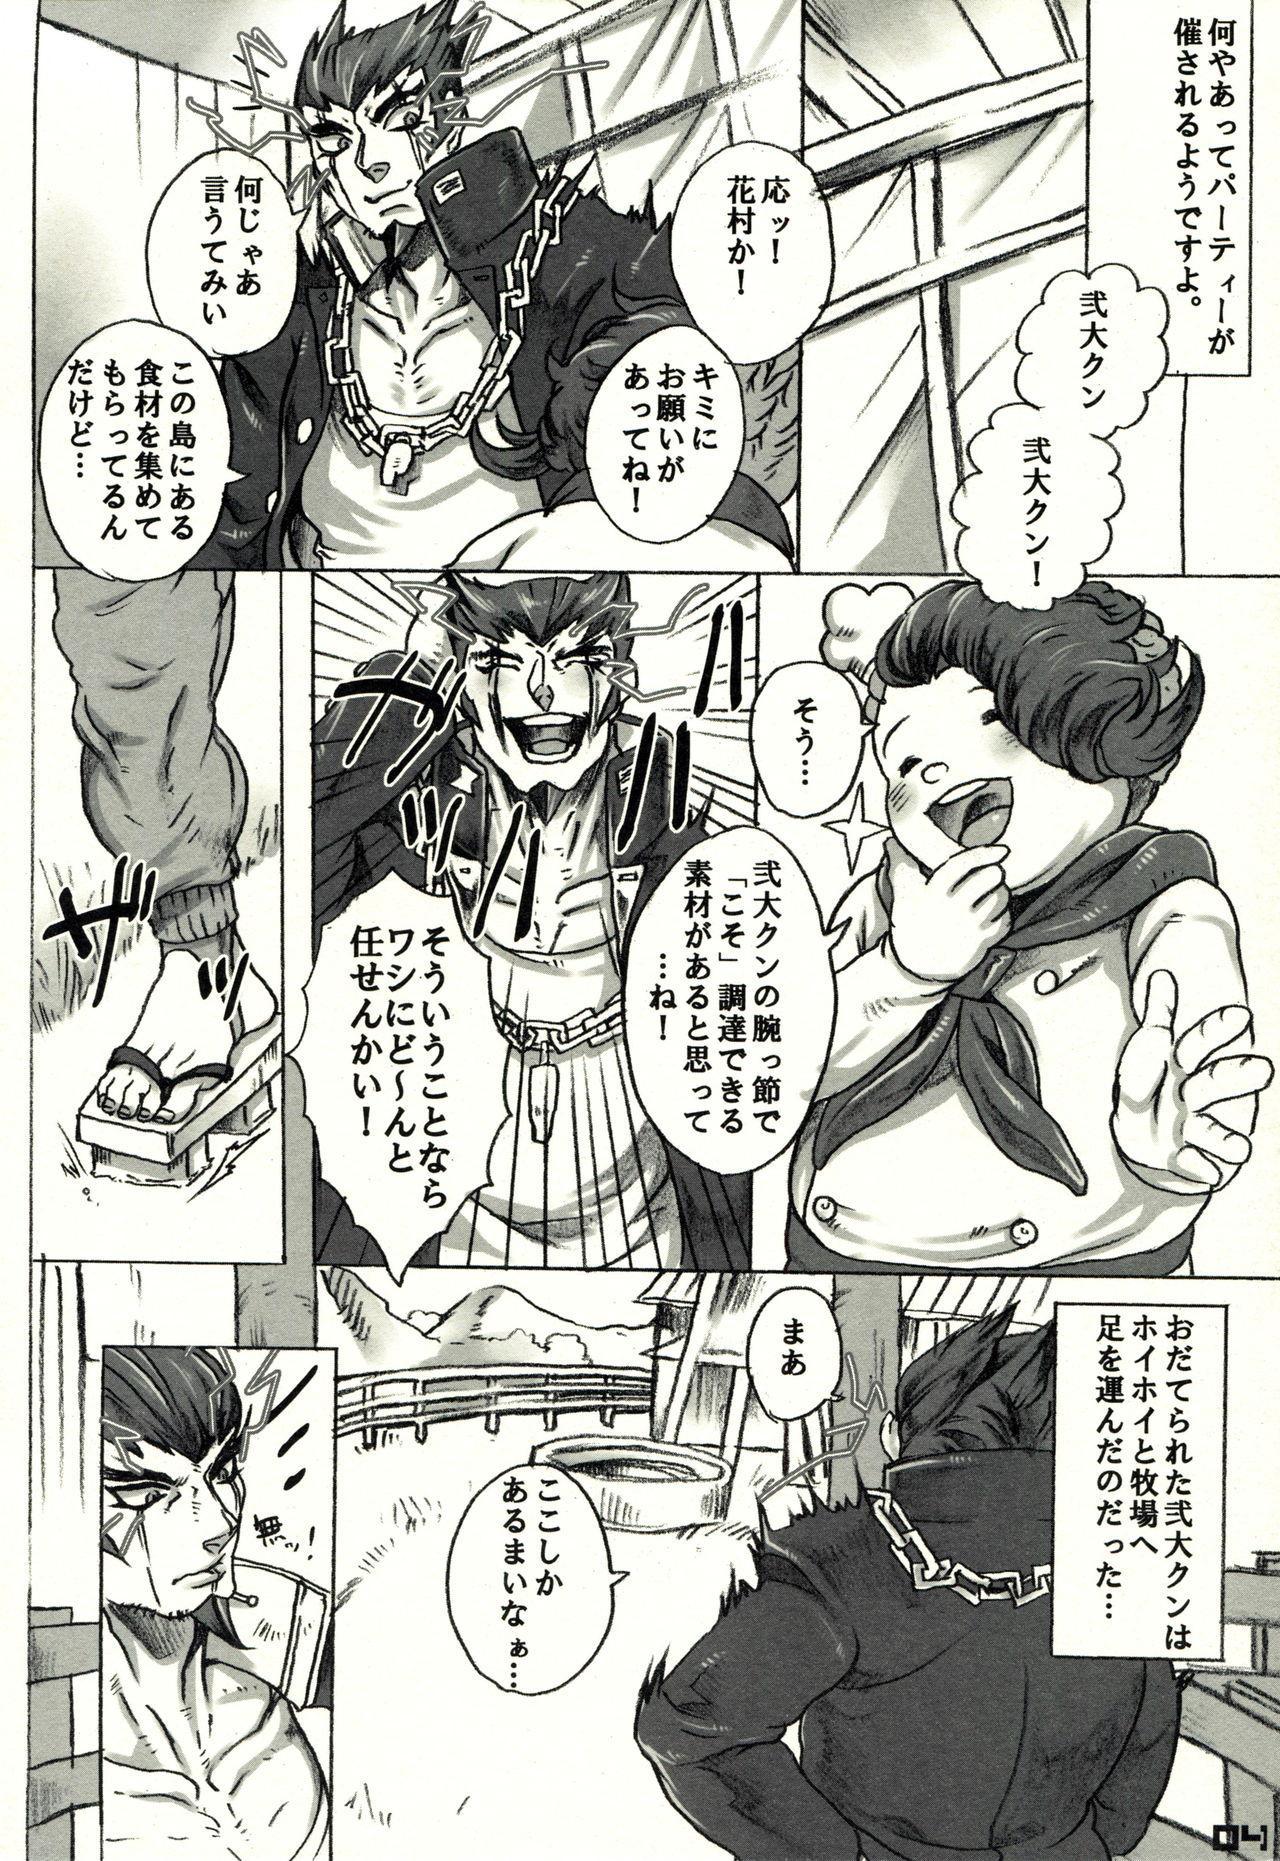 Nidai-kun ga Kuro ni Kimarimashita. Oshioki o Kaishi Shimasu. 2